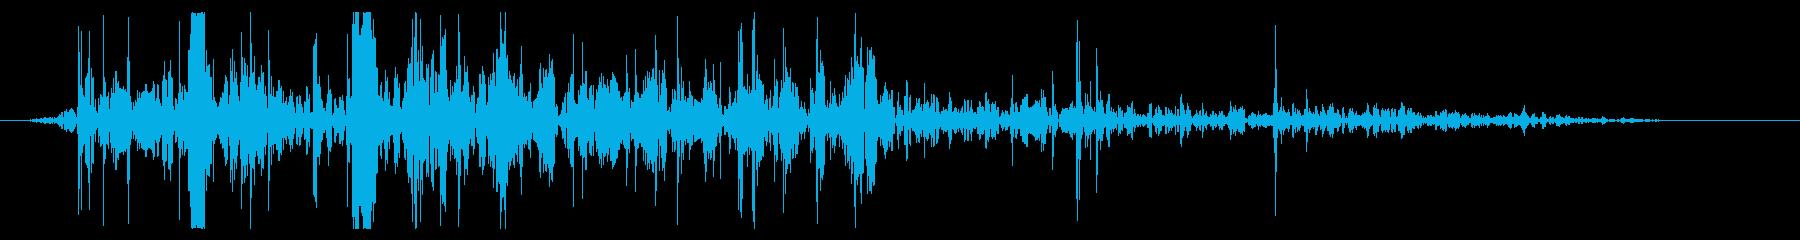 ミディアムボールダー:ロールオフパ...の再生済みの波形